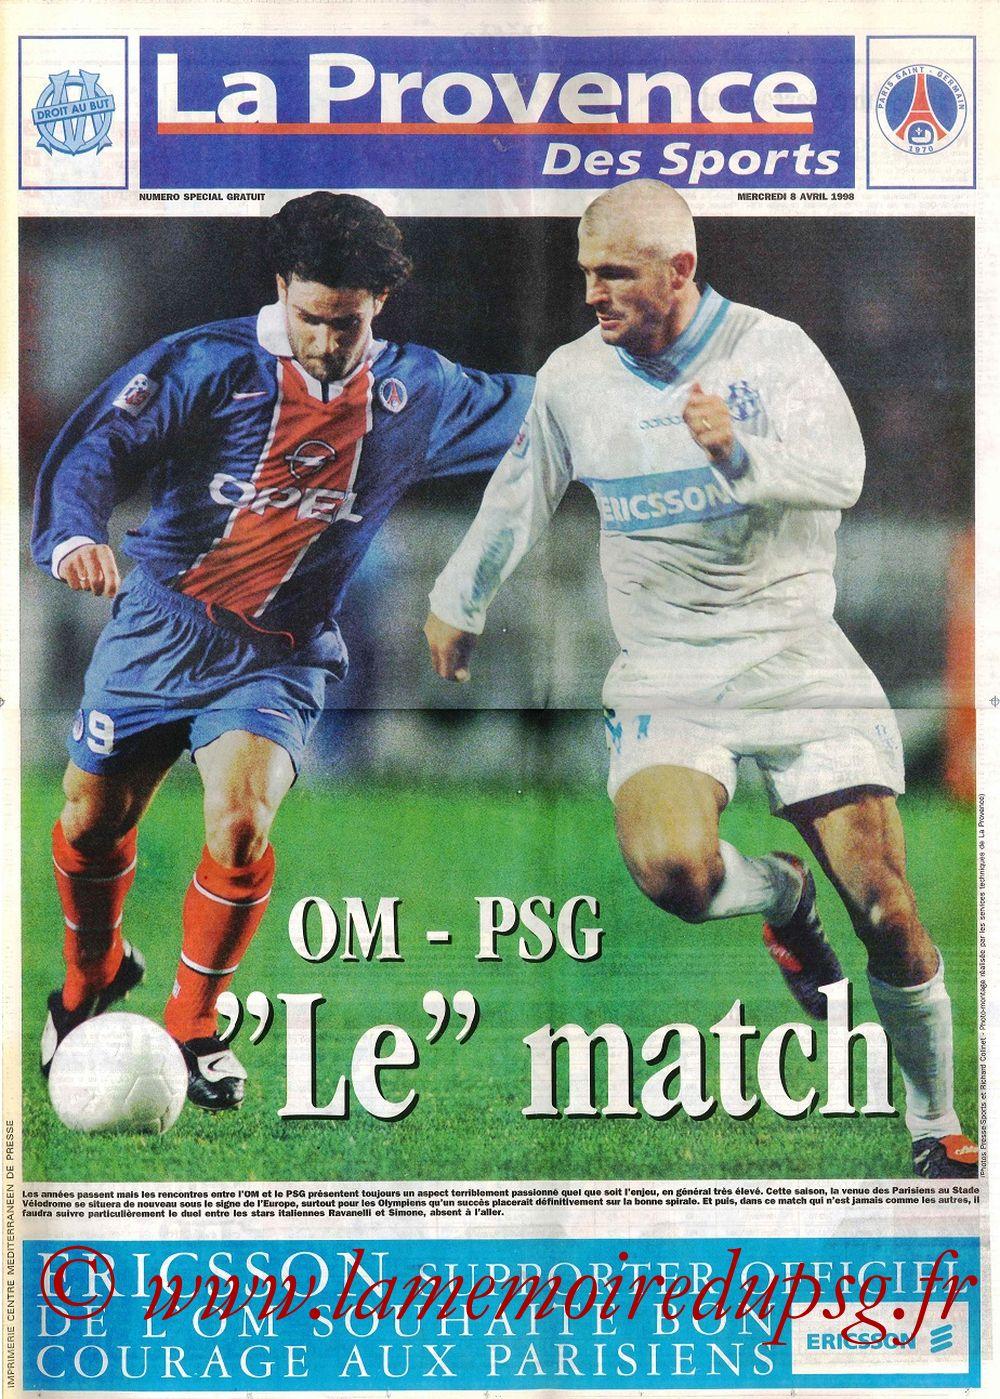 1998-04-08  Marseille-PSG (31ème D1, La Provence des Sports)